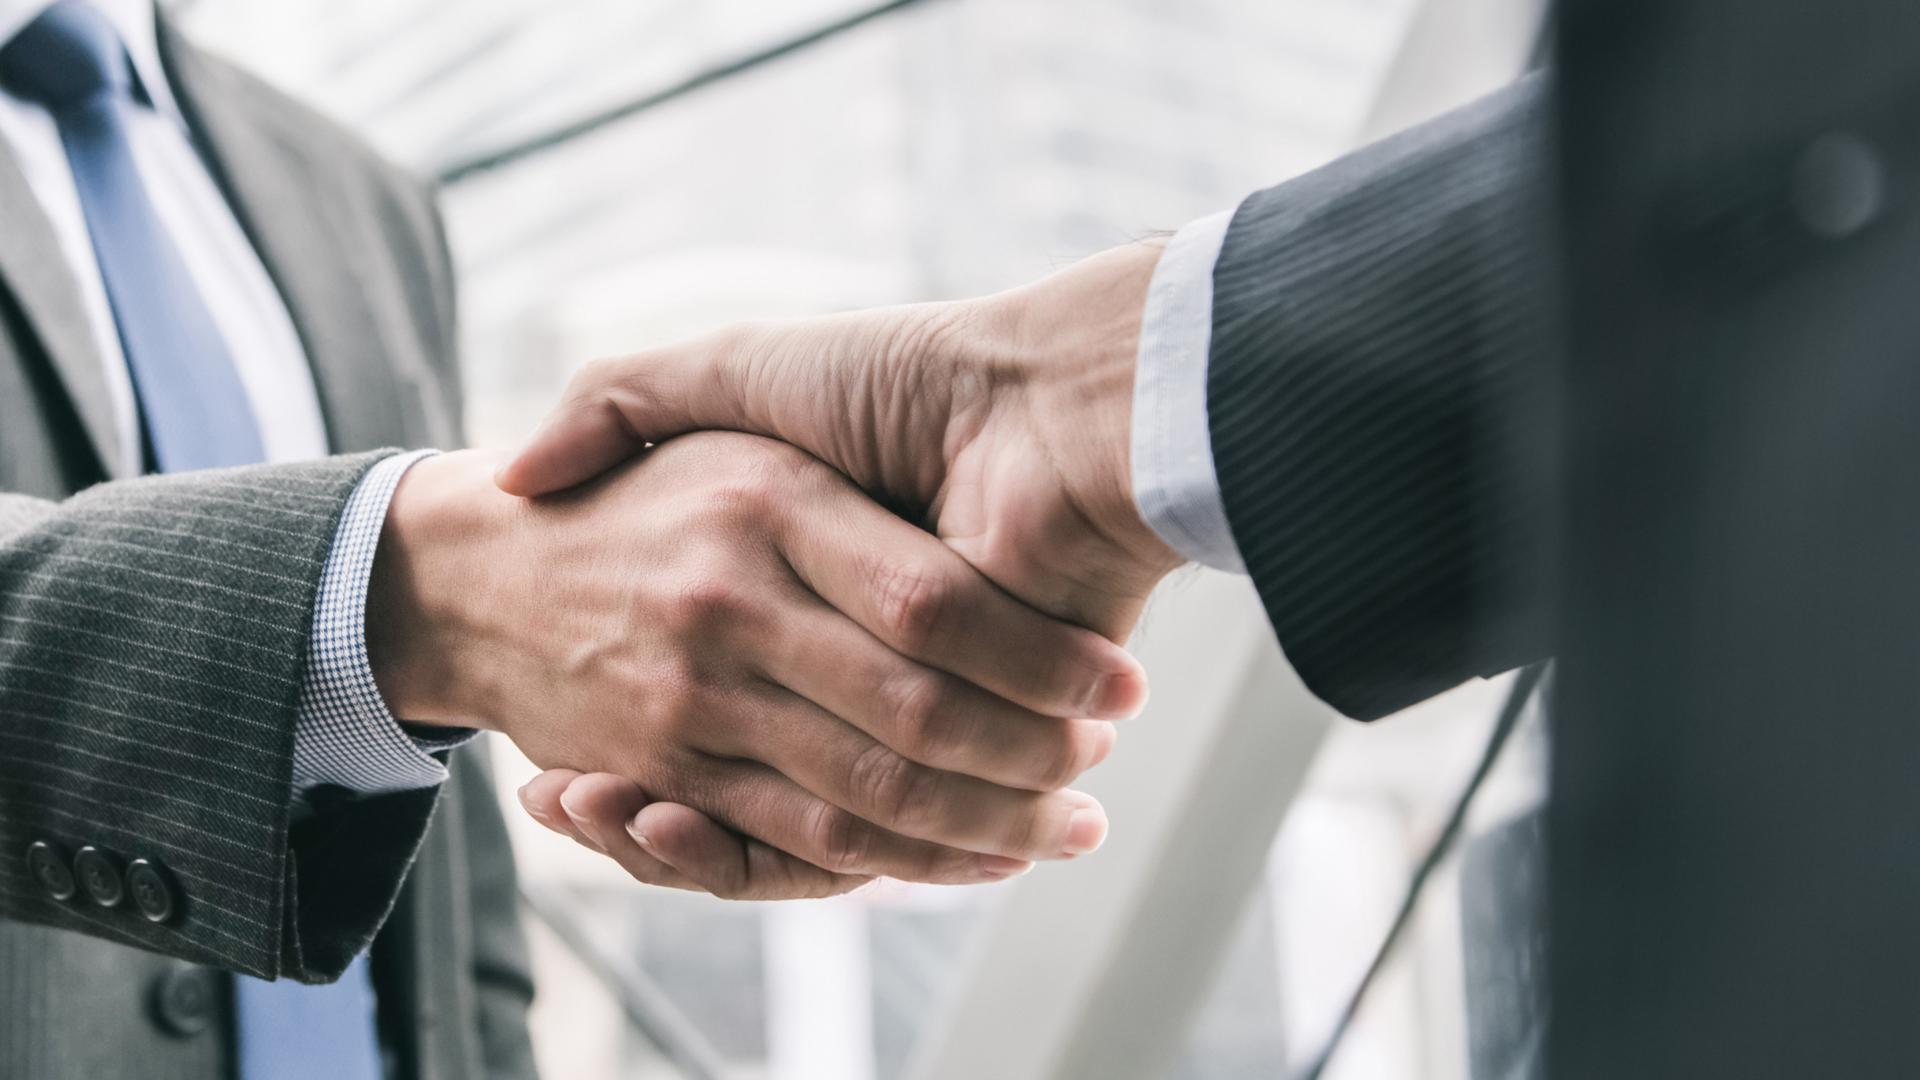 Handschütteln zweier Geschäftsmänner